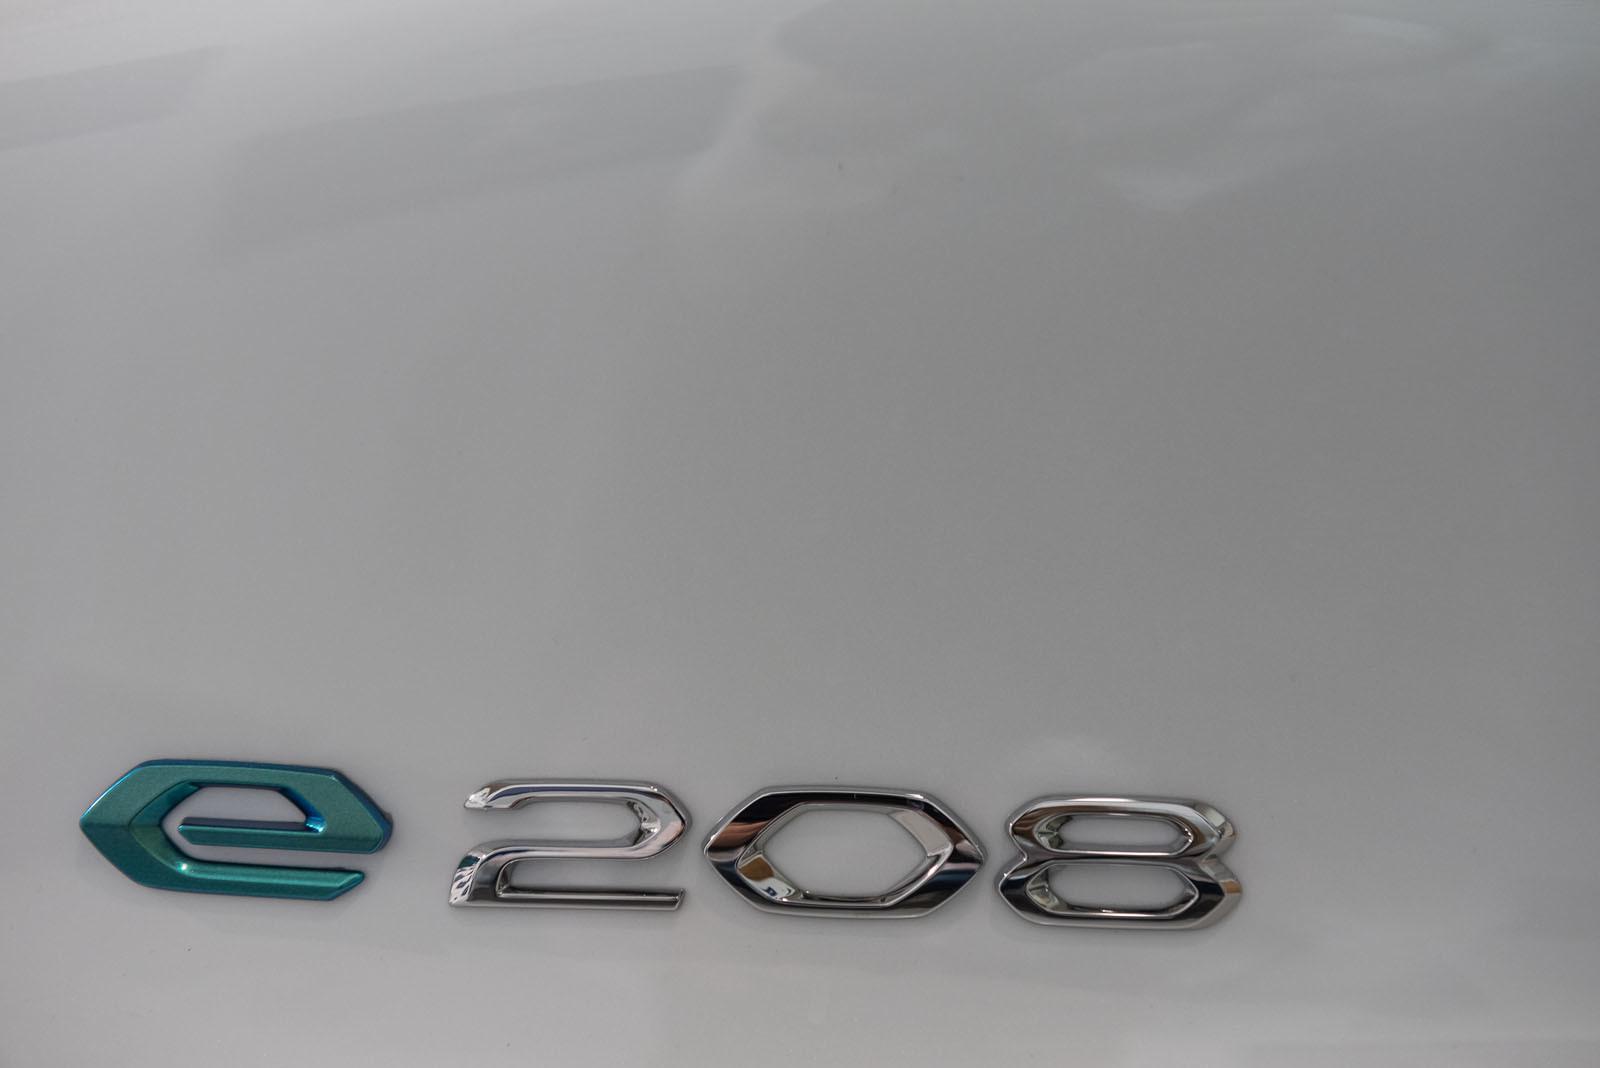 Foto de Peugeot 208 y e-208 2019 (presentación estática) (39/64)